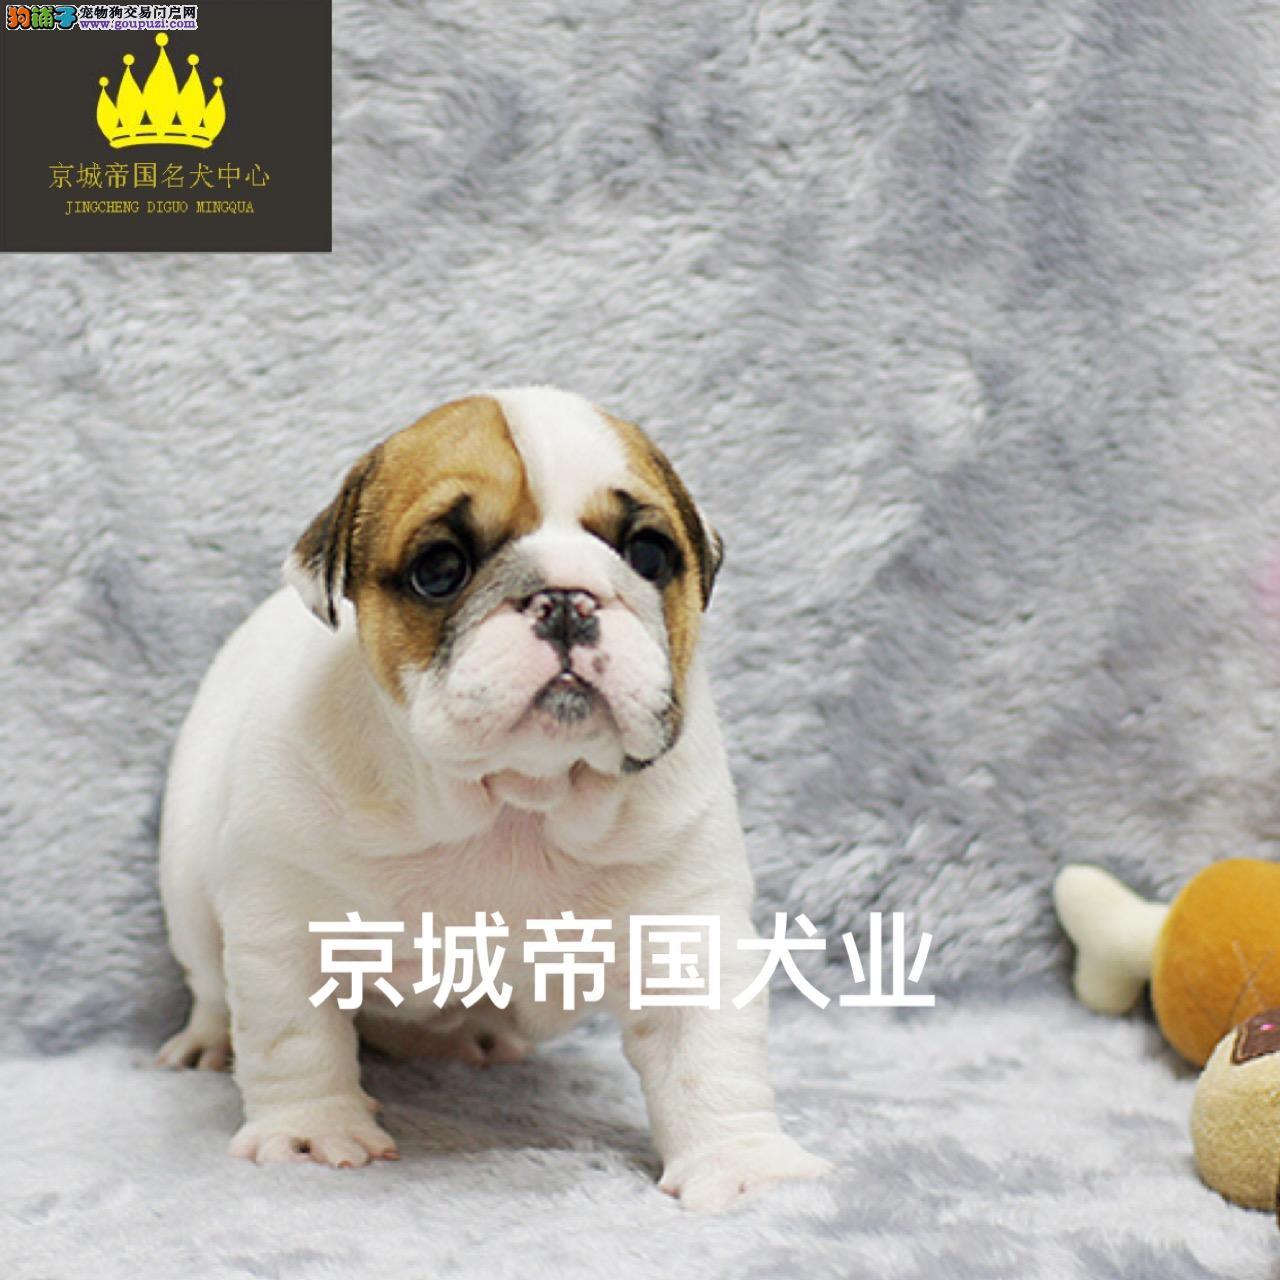 英国斗牛犬出售、保证纯种和健康 CKU国际认证